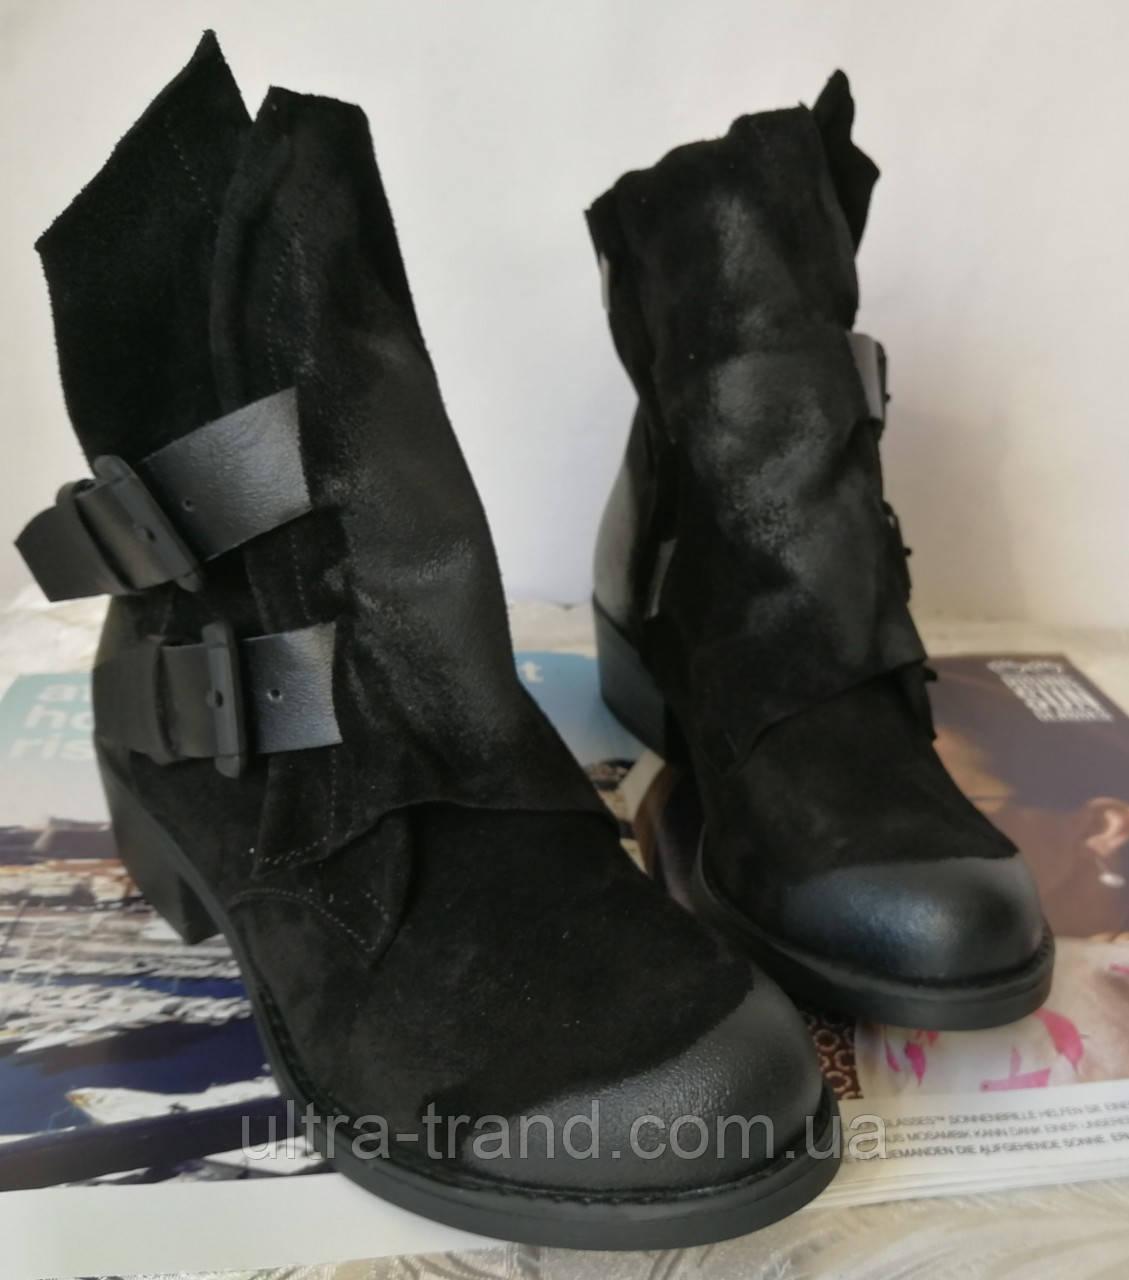 Зимние женские стильные ботинки Bella черный замш Турция